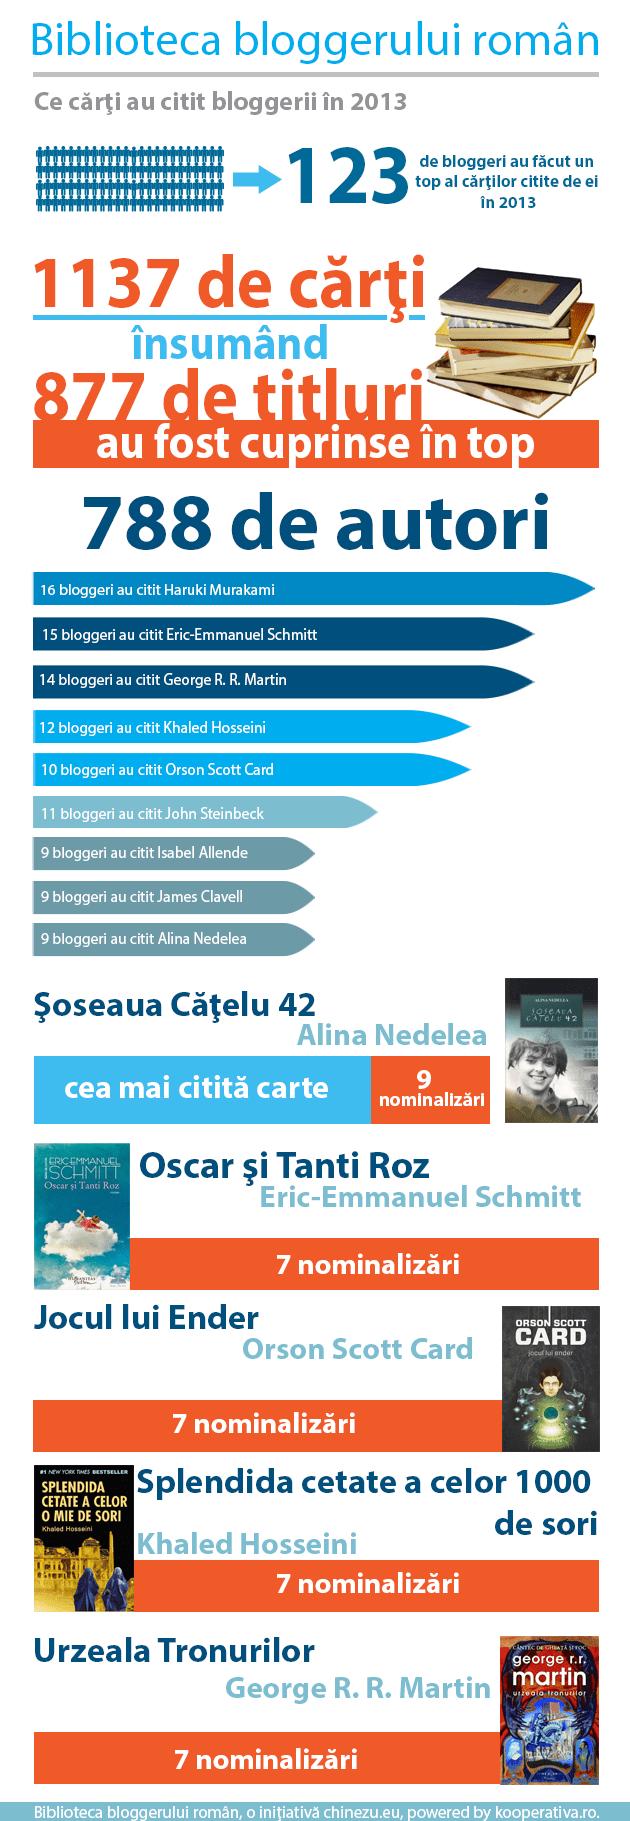 biblioteca bloggerului roman infografic